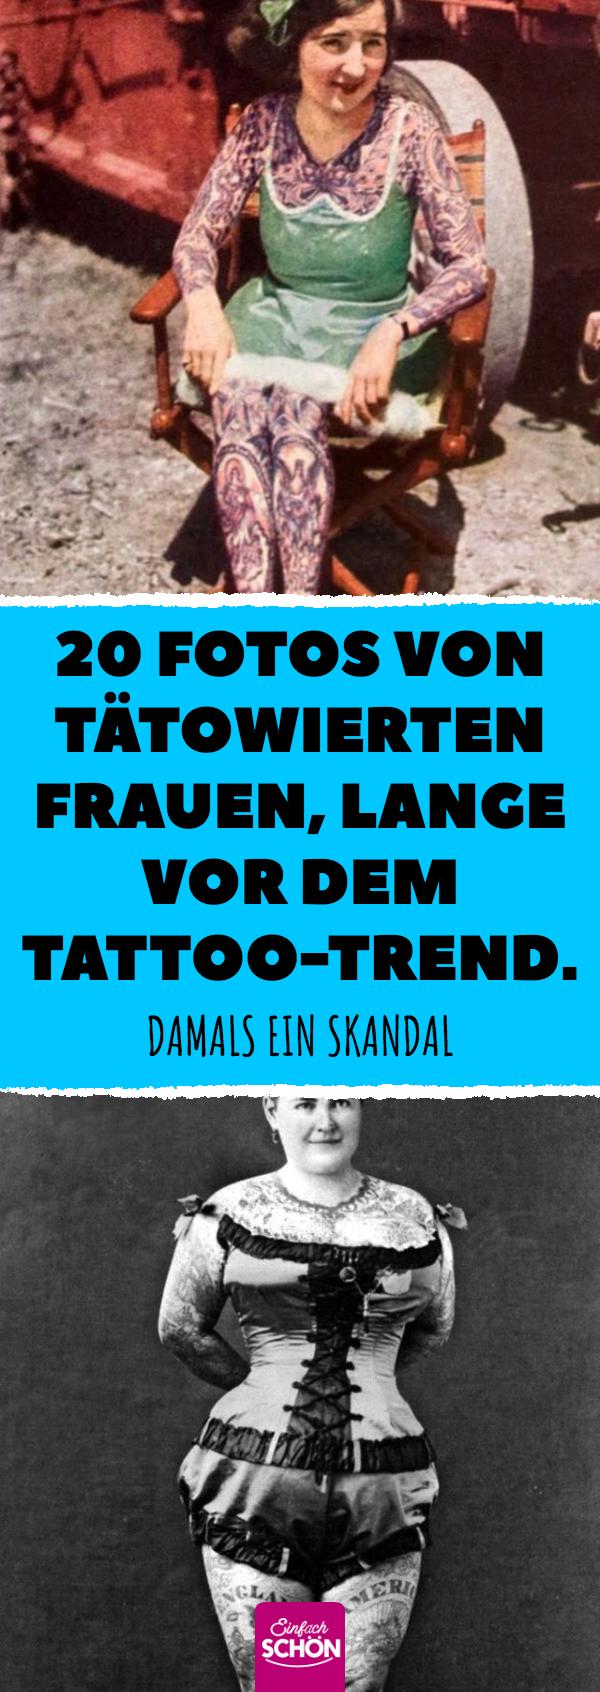 Photo of 20 Fotos von tätowierten Frauen, lange vor dem Tattoo-Trend